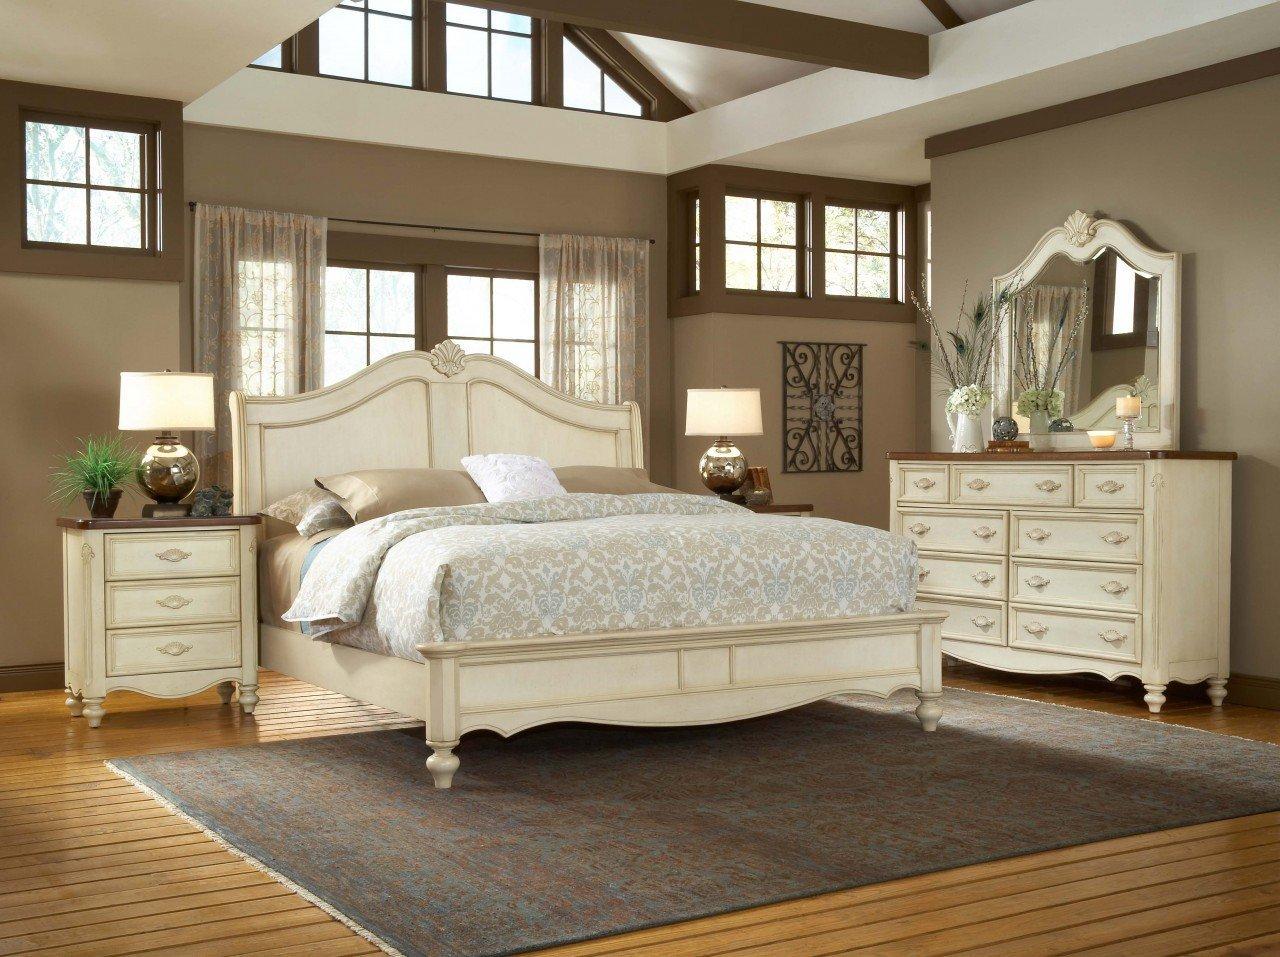 Ashley Furniture Prices Bedroom Sets  Home Furniture Design